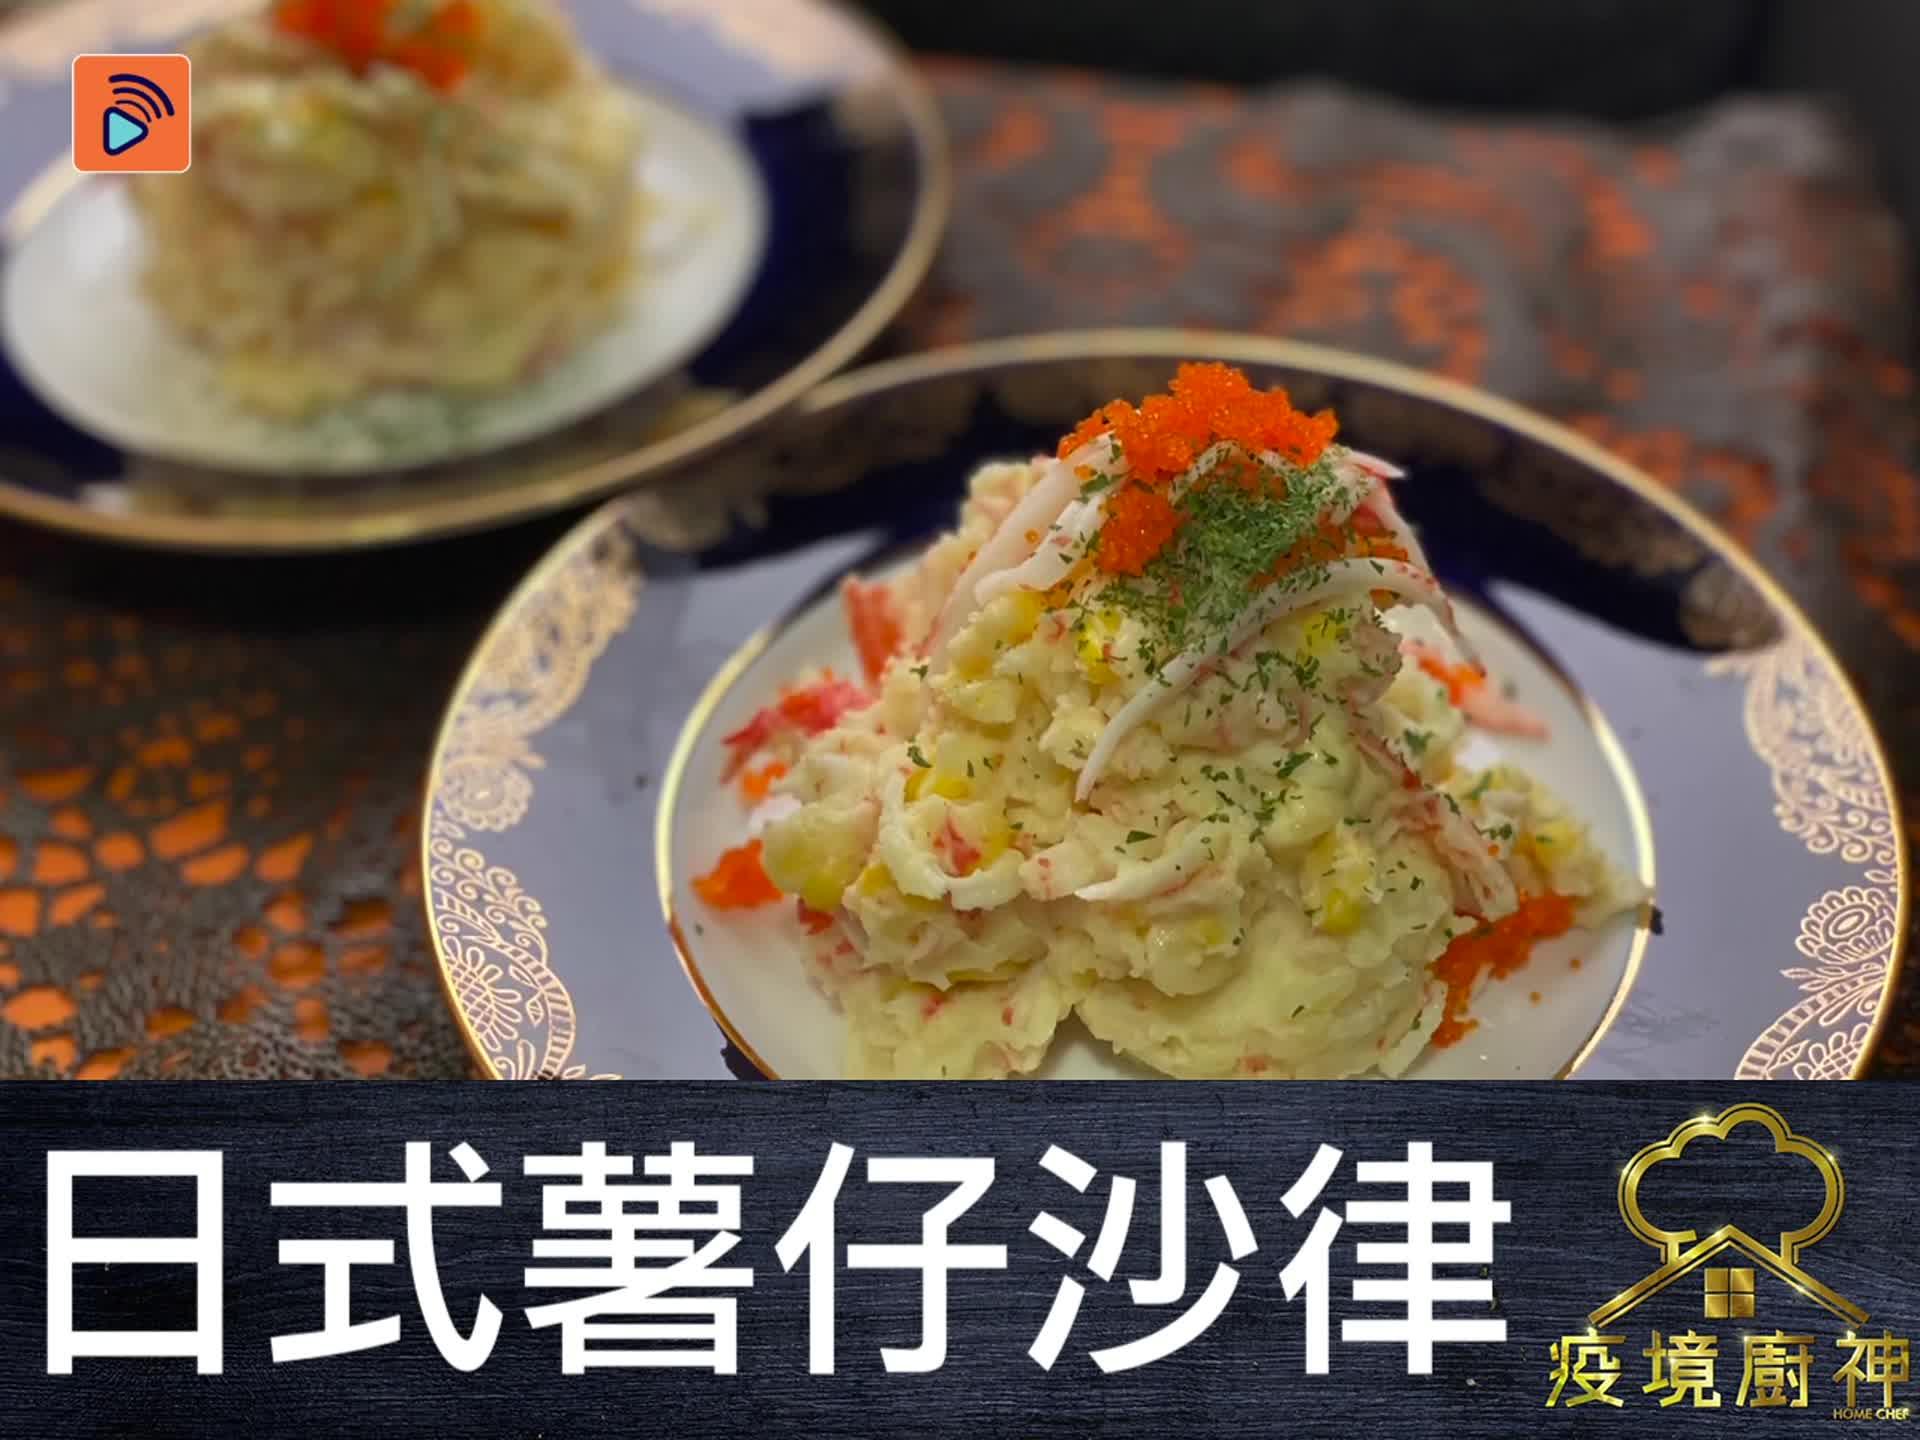 【日式薯仔沙律】日系小前菜!口感幼滑,靈魂沙律醬提昇美味!